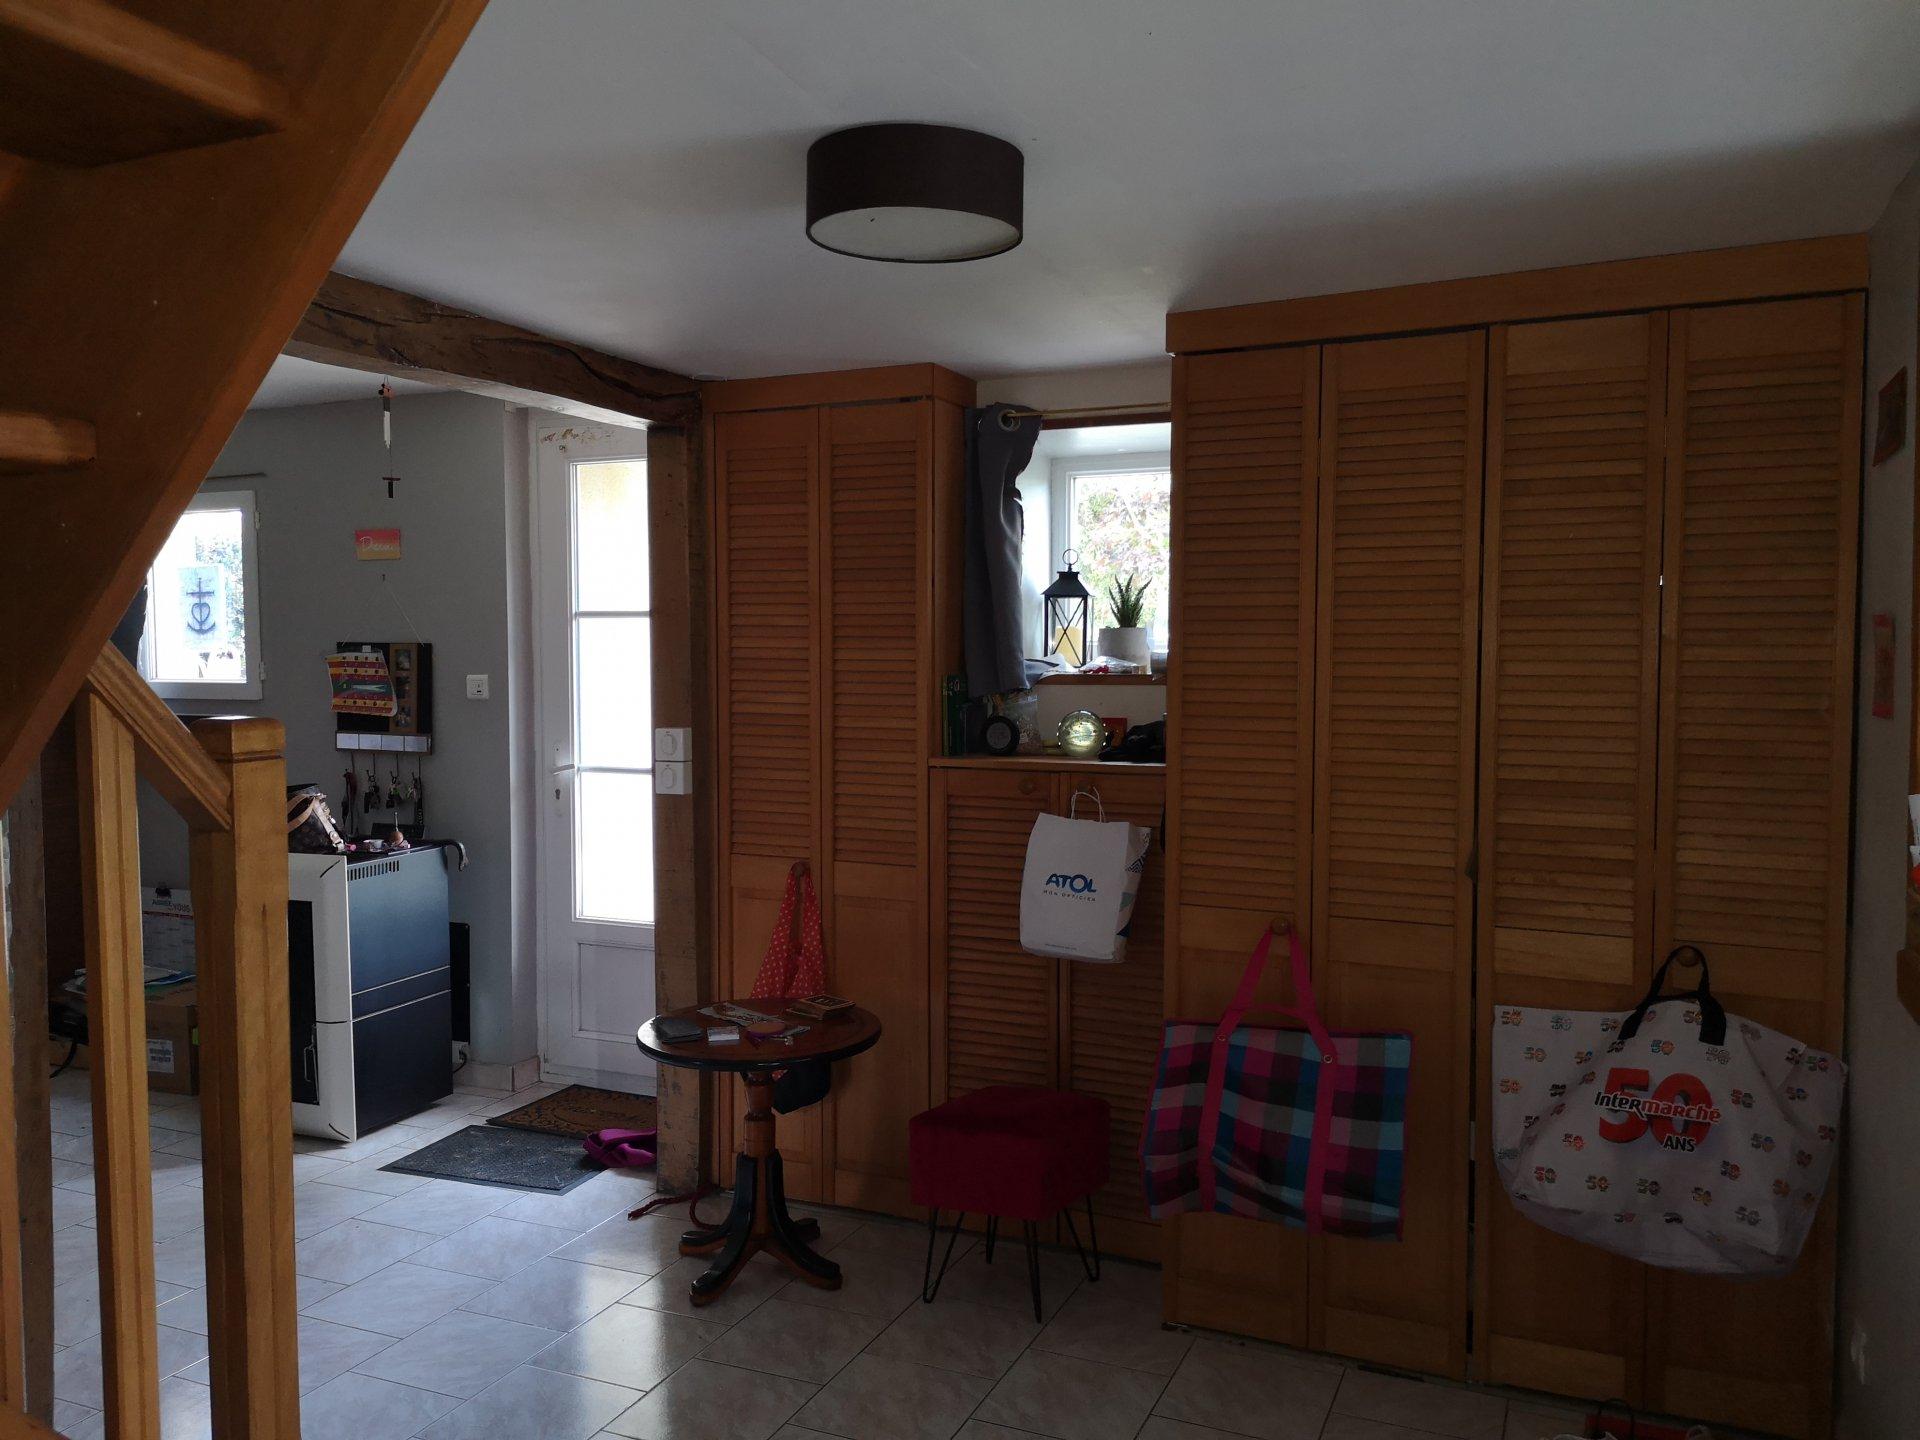 Maison en Pierres de 126m² Rénovée Est Alençon